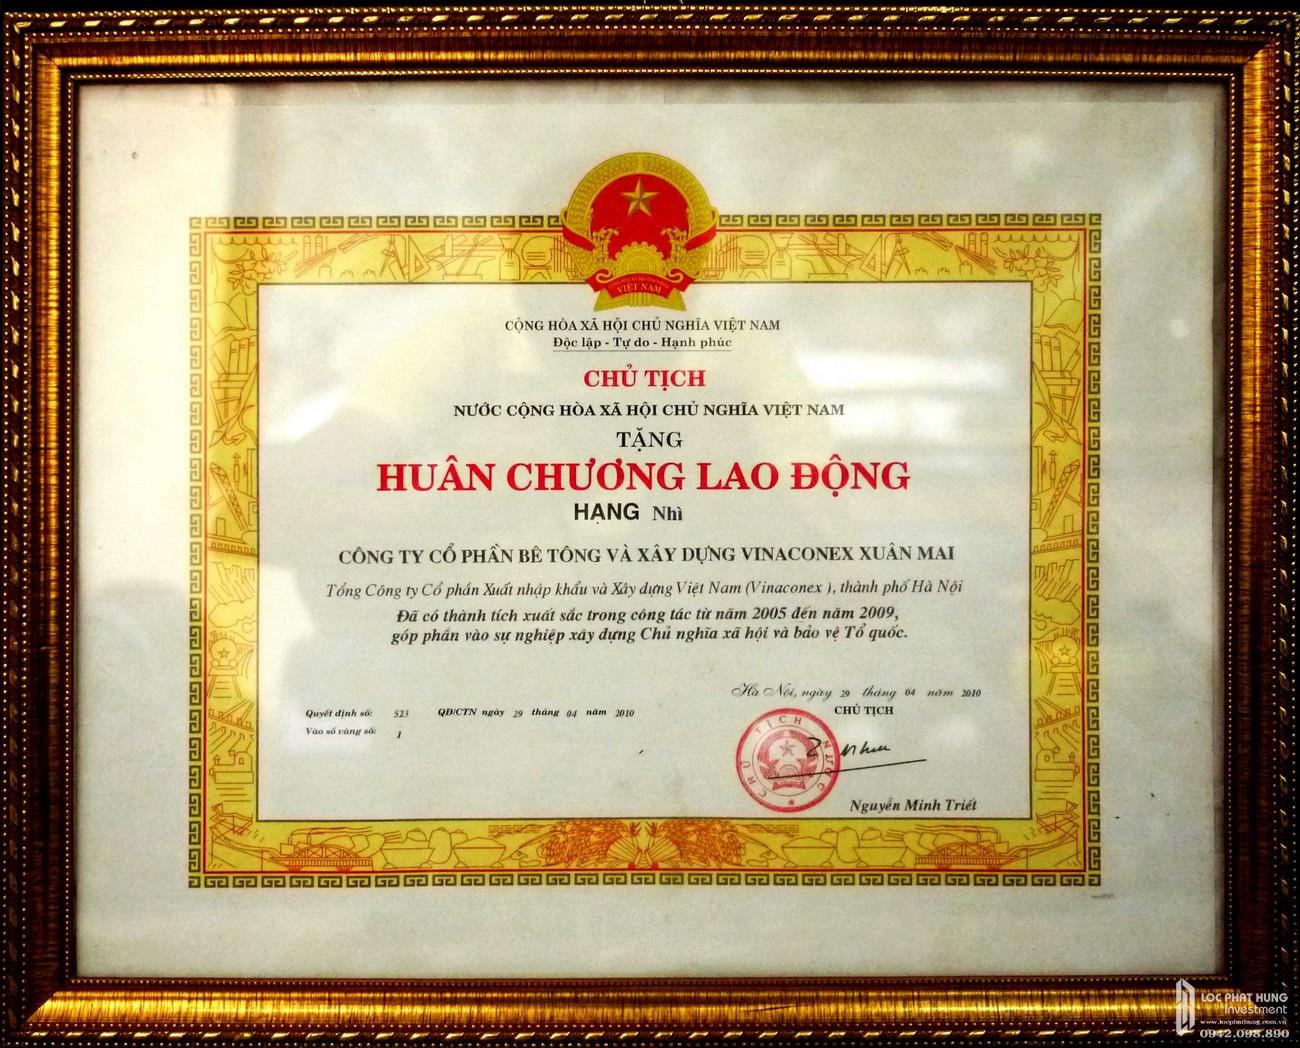 Huân chương lao động - Thành tựu đạt được của chủ đầu tư Xuân Mai Corp